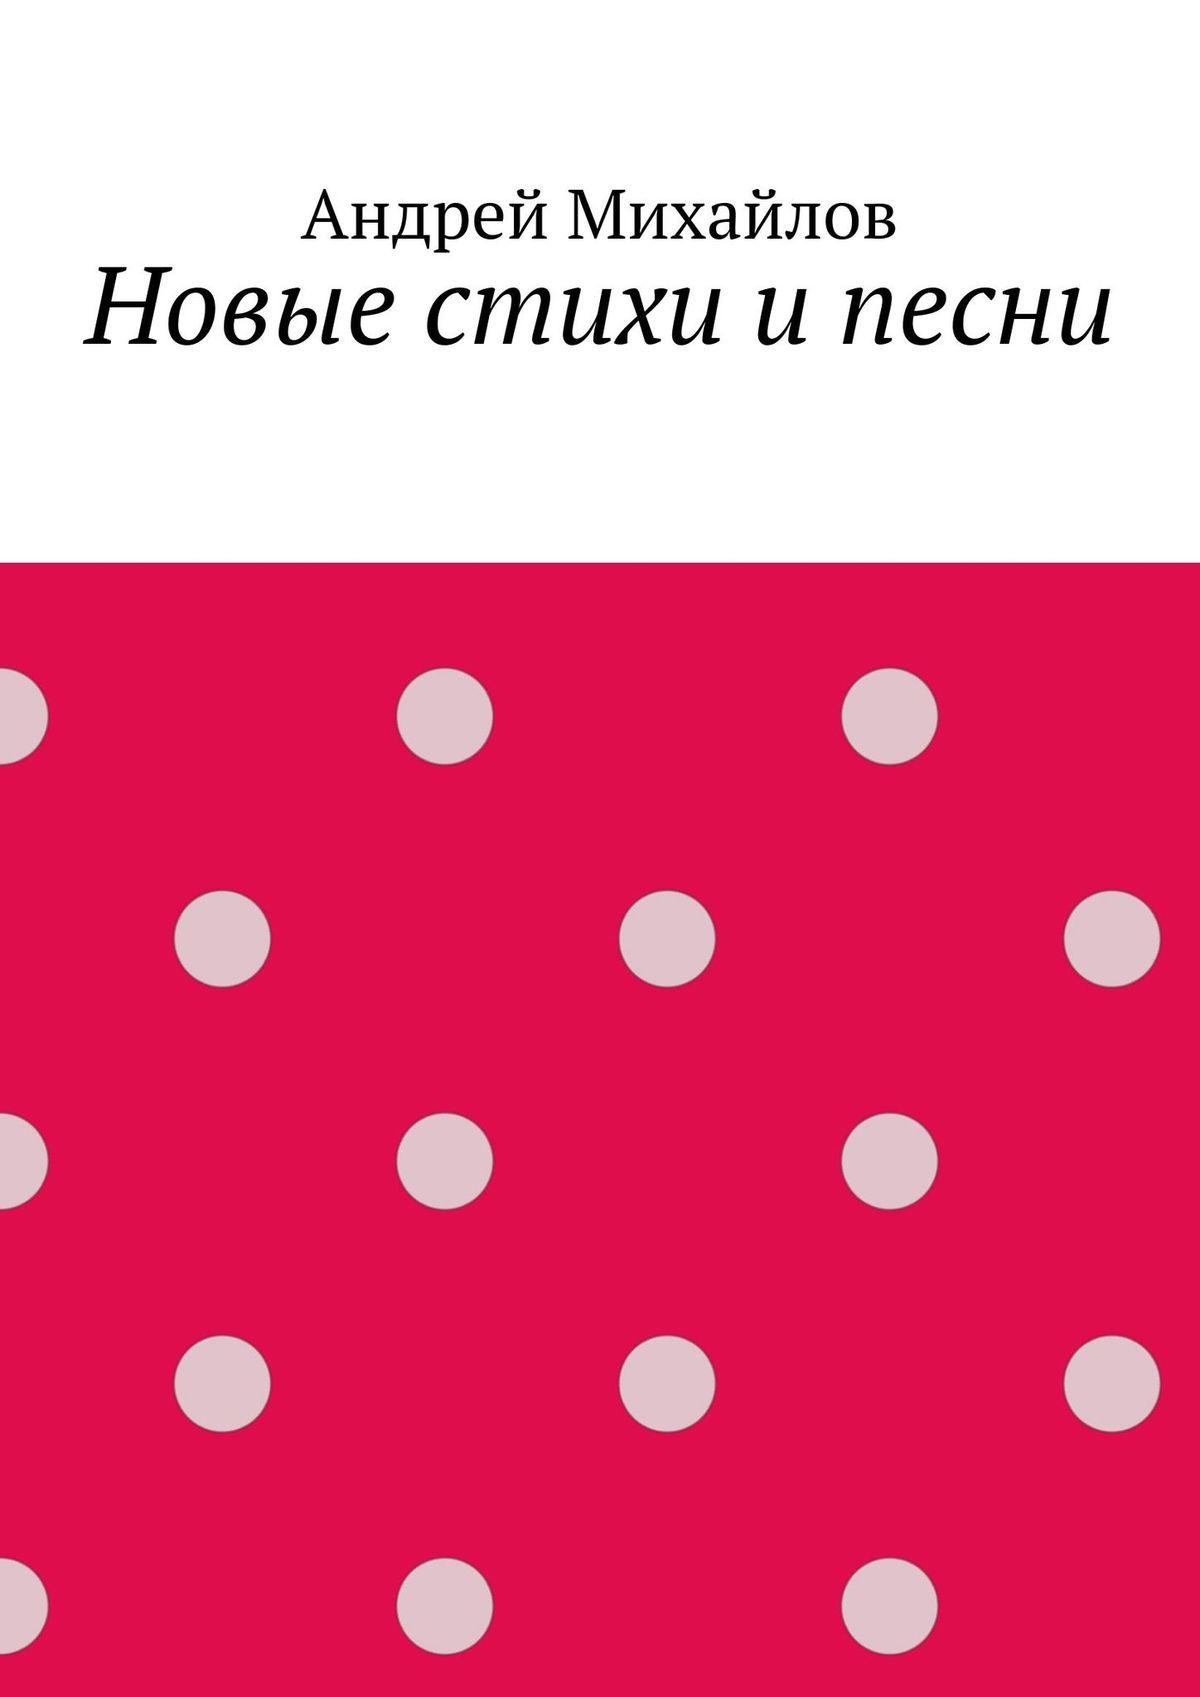 S Михайлов Новые стихи и песни ясно новые стихи и письма счастья